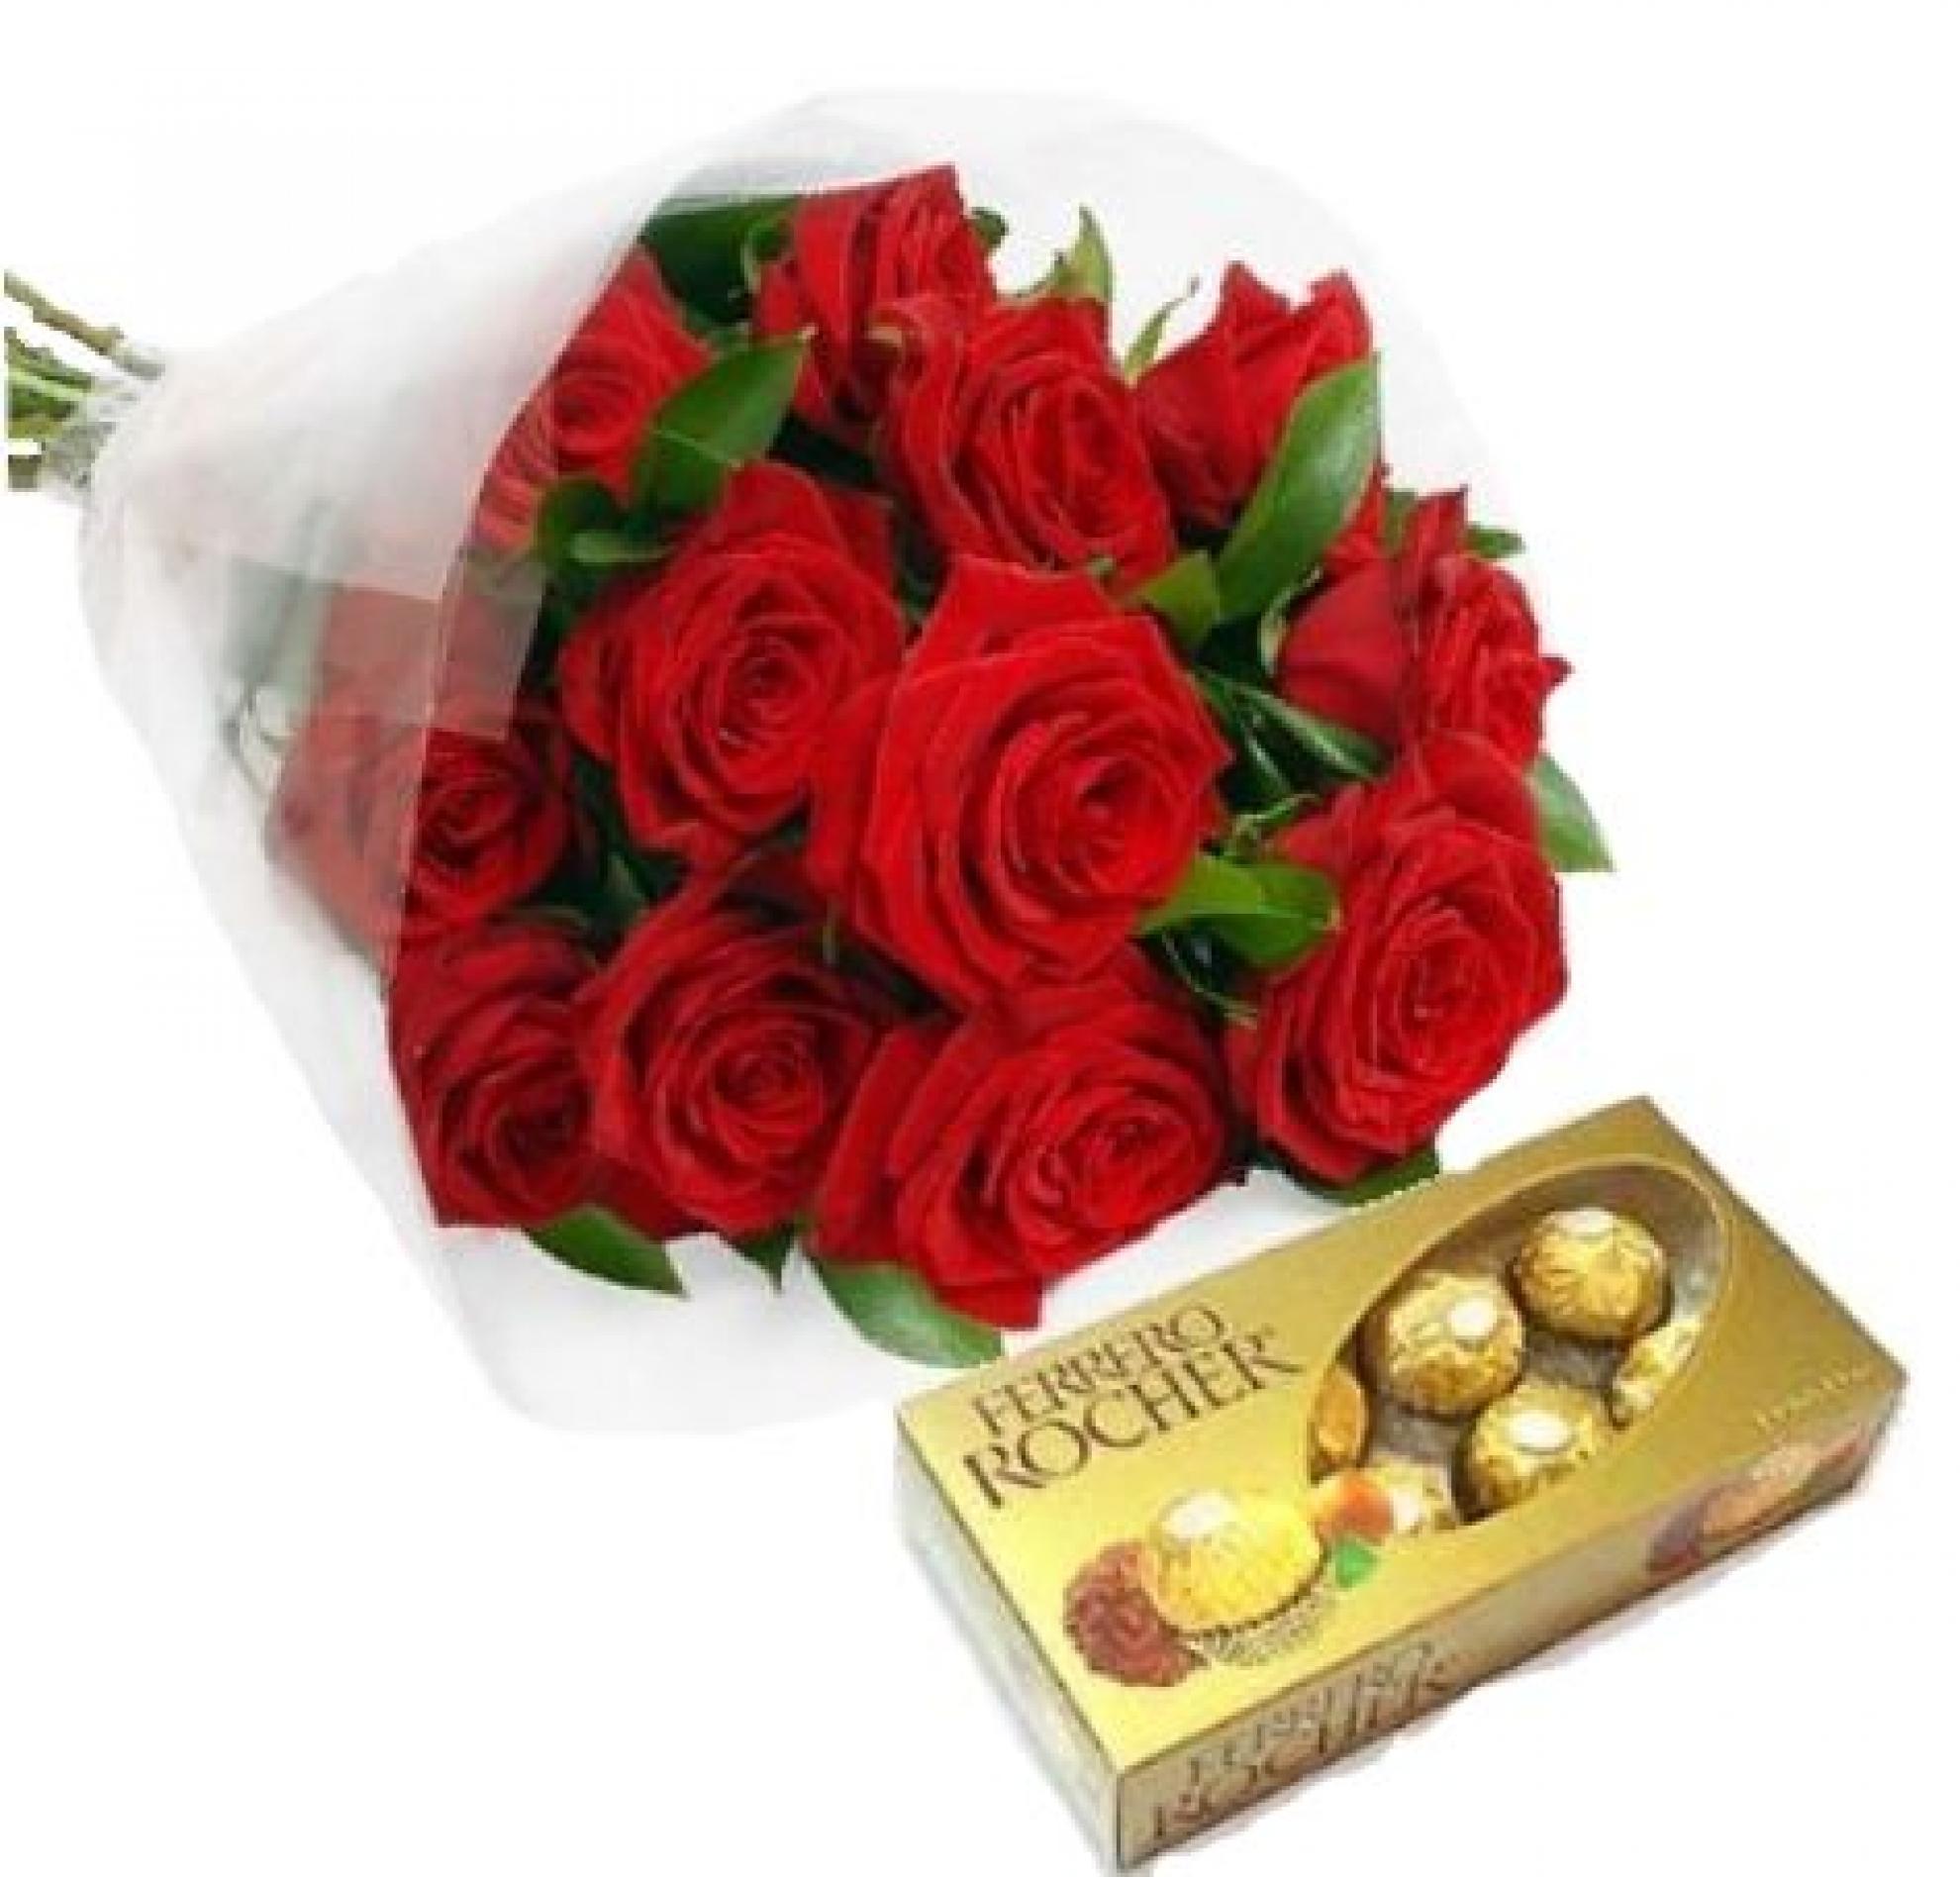 Buqu� 12 Rosas Importadas com Ferrero Rocher - BT14